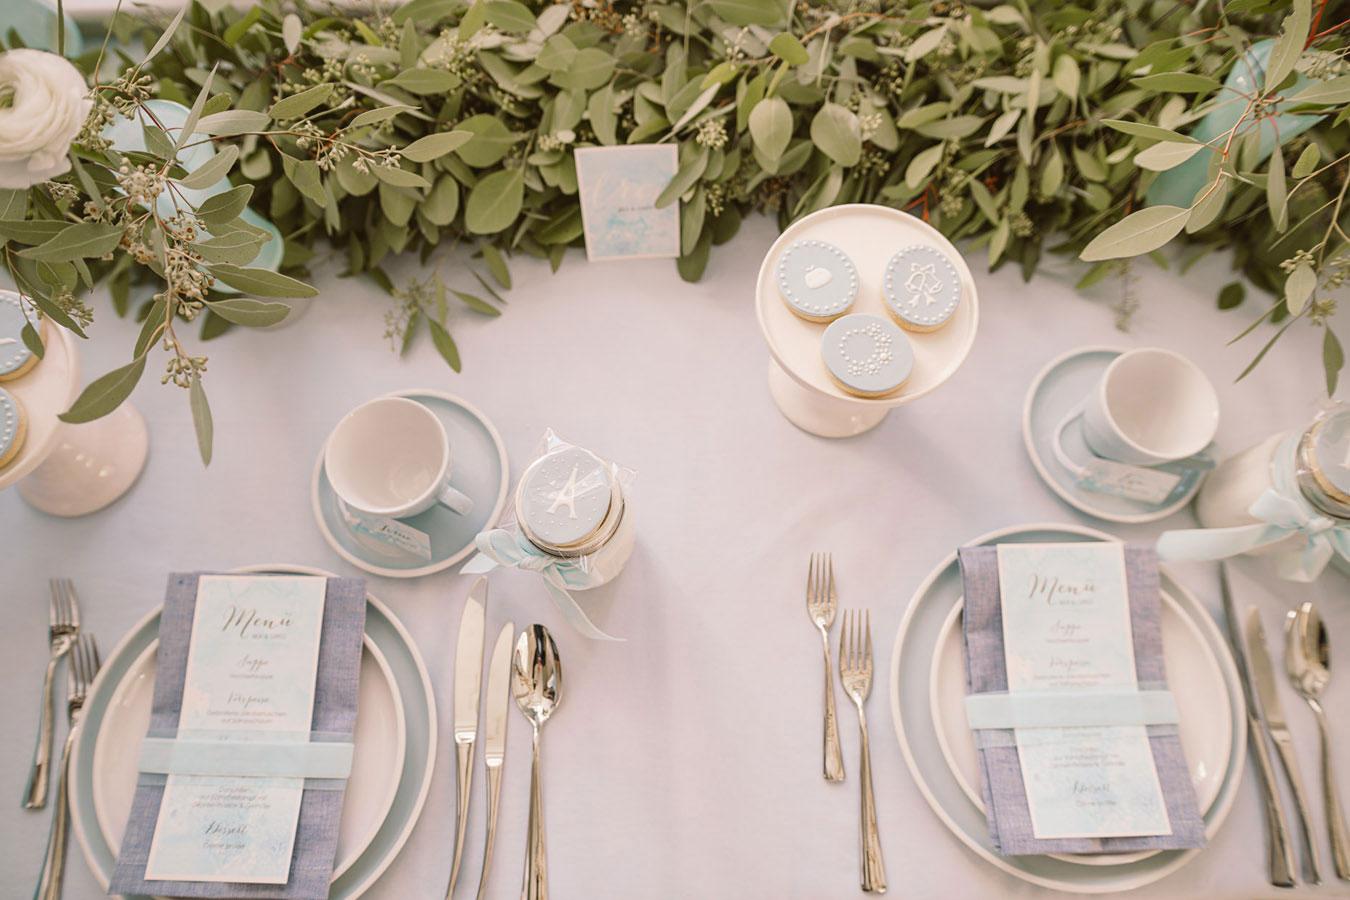 Sylt Aquarell Hochzeitspapeterie im zarten Blau